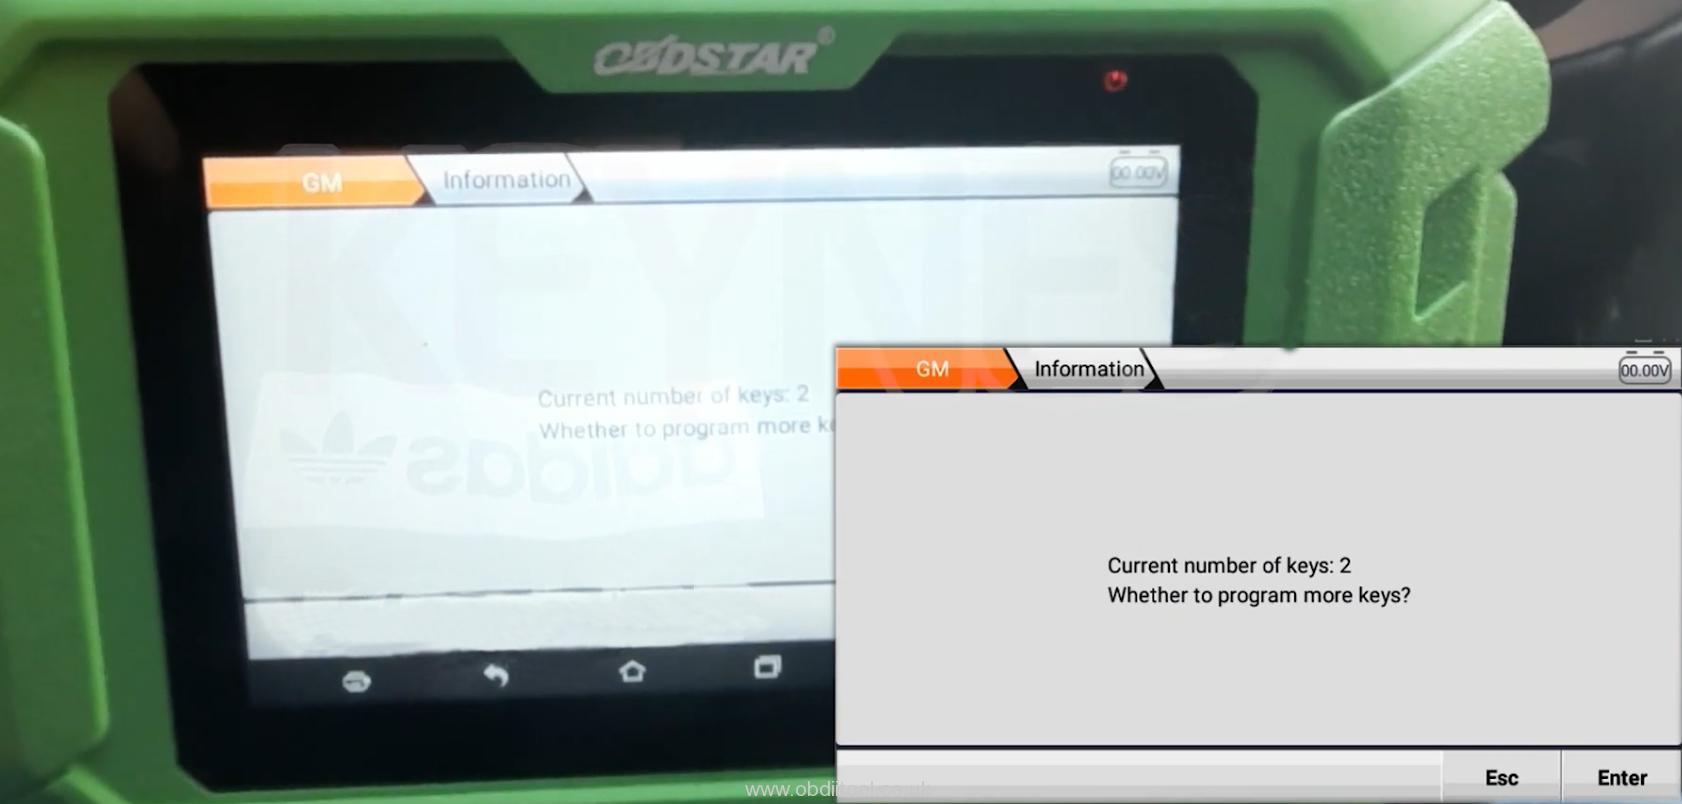 Obdstar X300 Pro4 Program Chevrolet 4a Chip Smart Key Akl 13